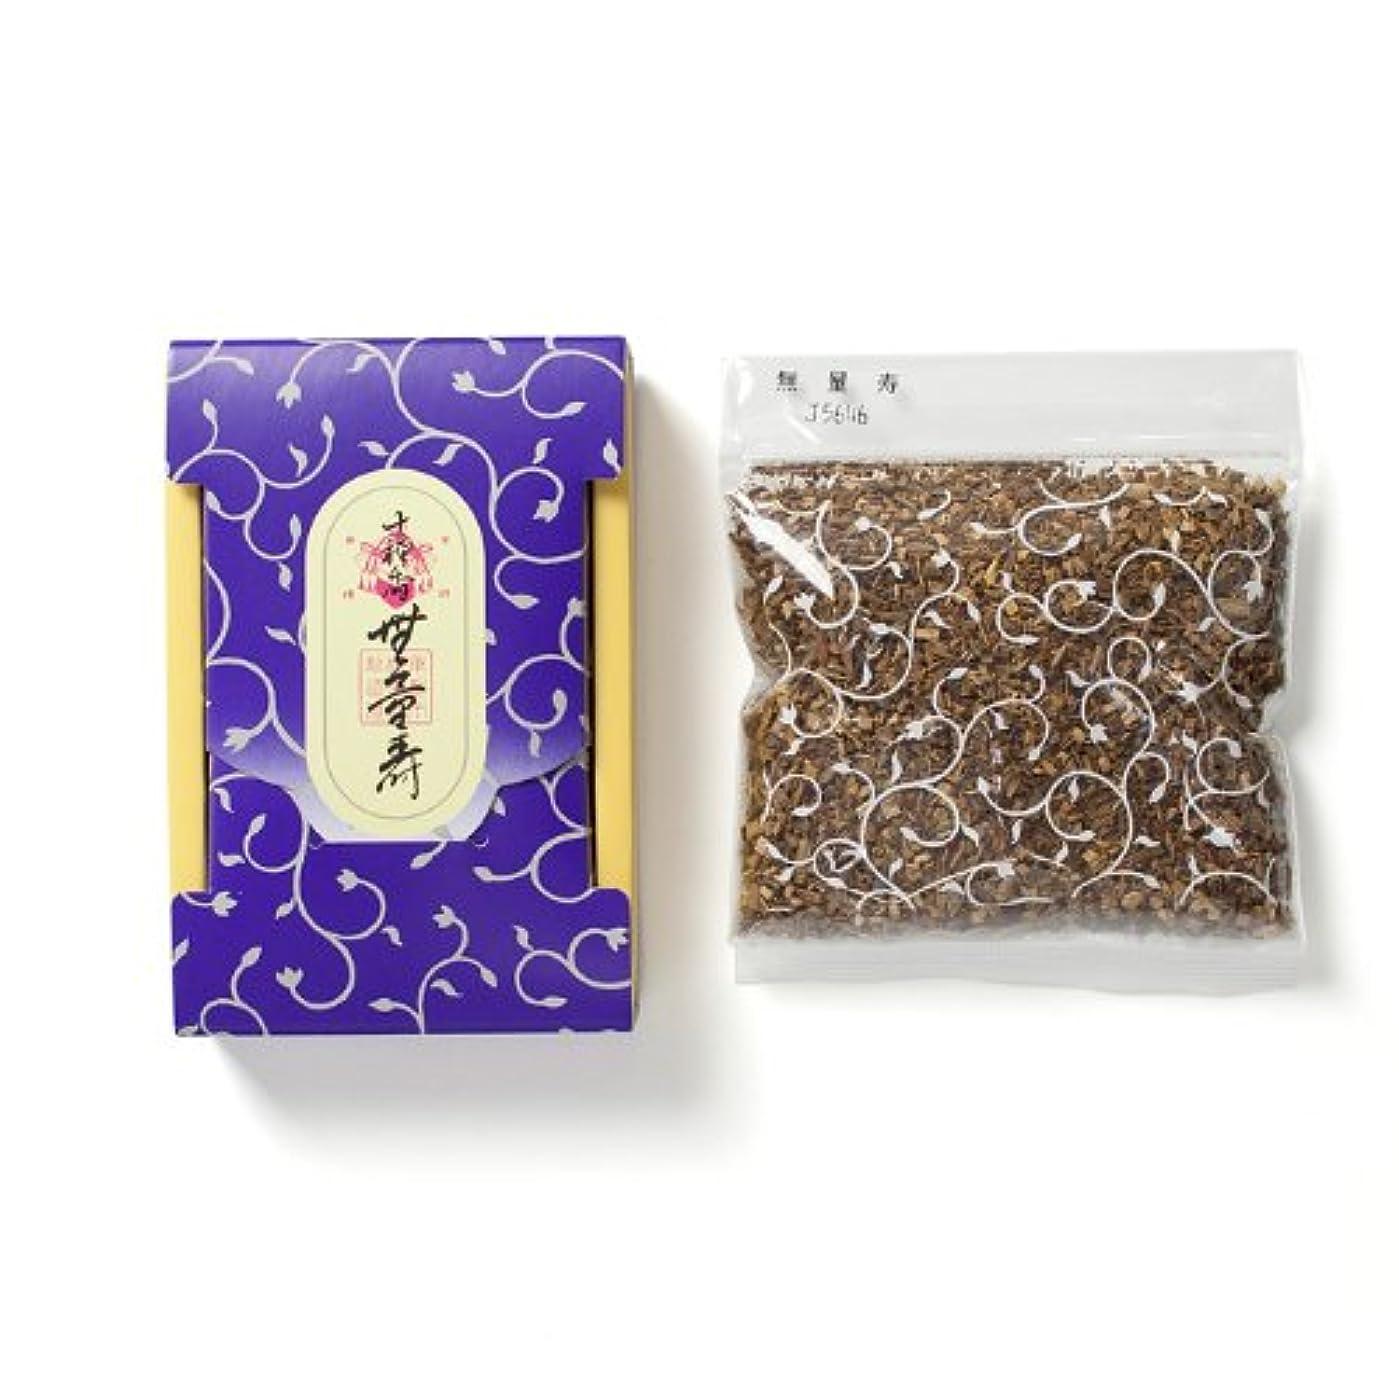 競う乱闘想像する松栄堂のお焼香 十種香 無量寿 25g詰 小箱入 #410841